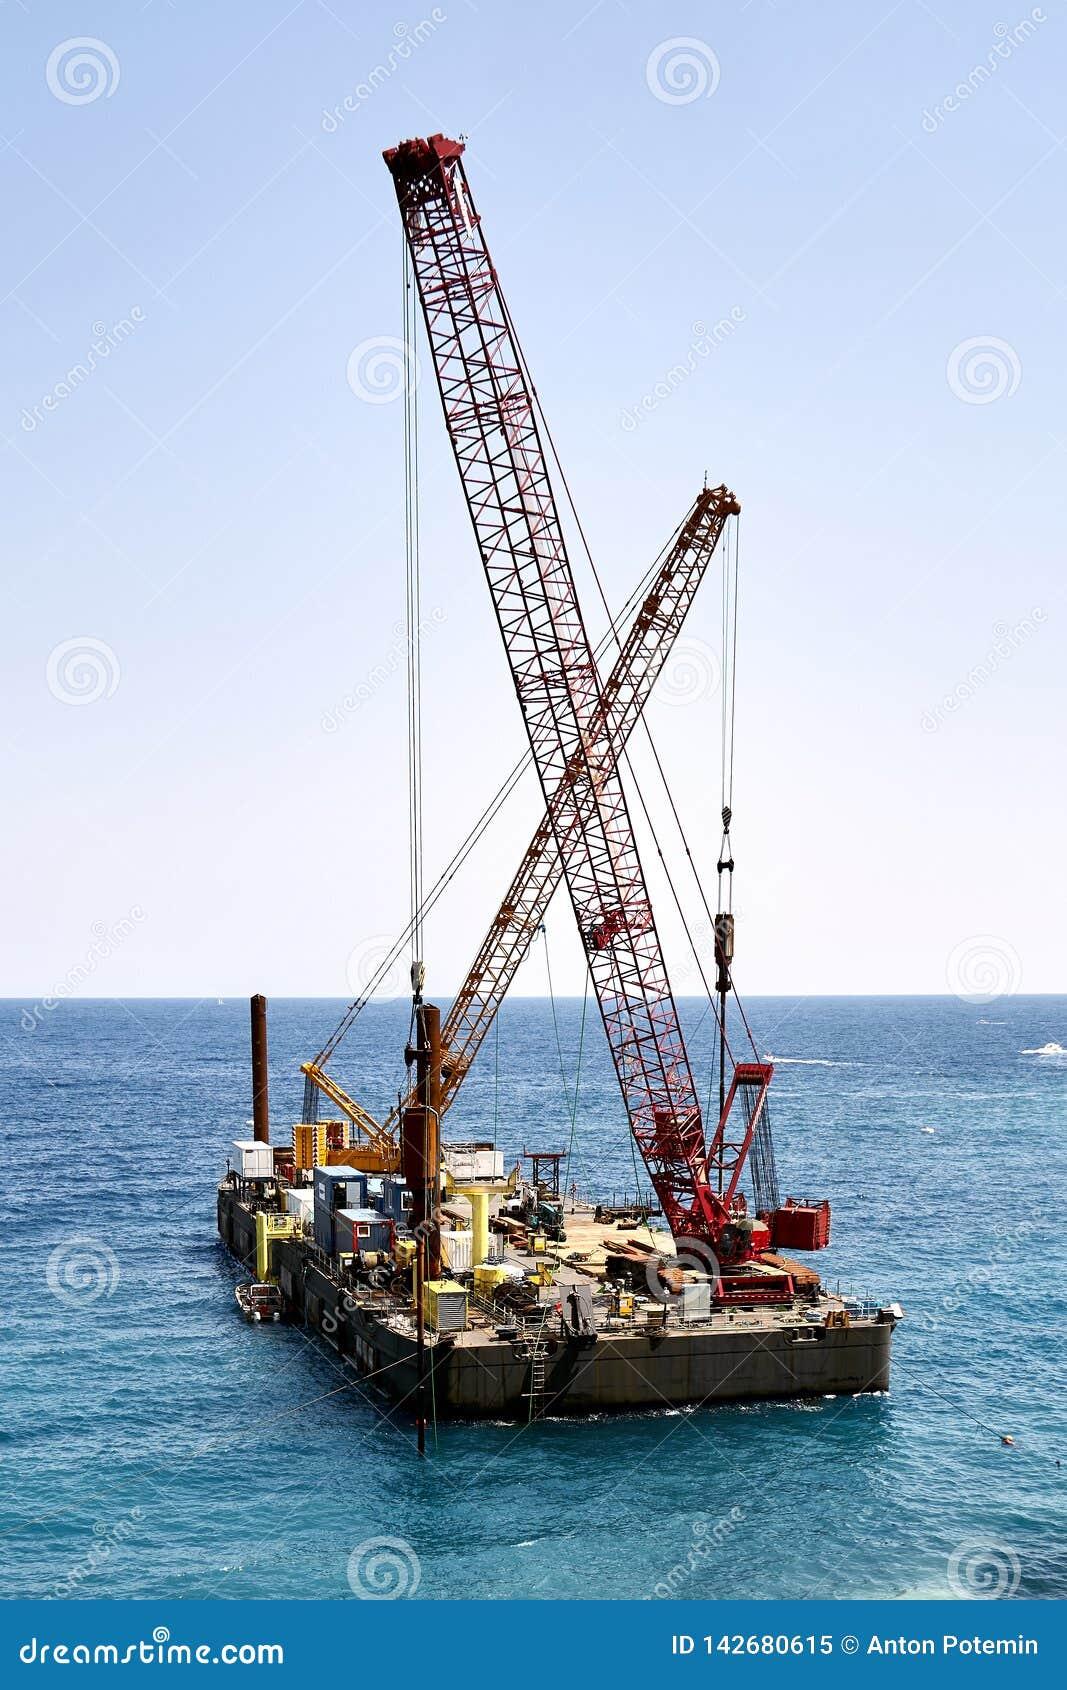 Cranes on floating platform